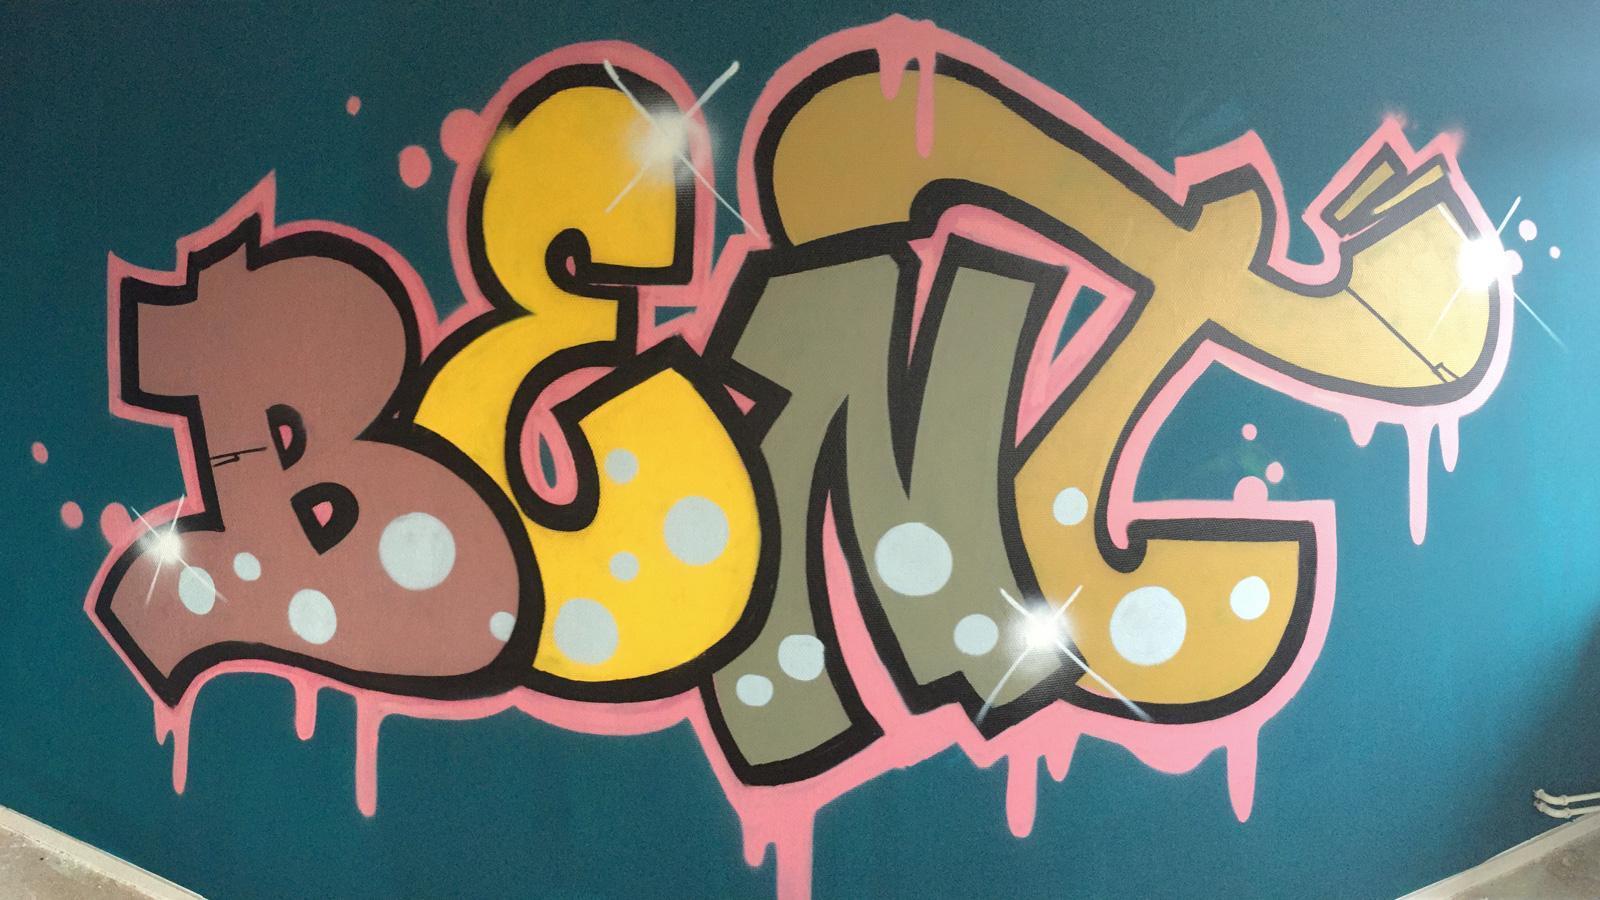 Graffiti Slaapkamers - IJgenweis Visuele Vormgeving Zwolle